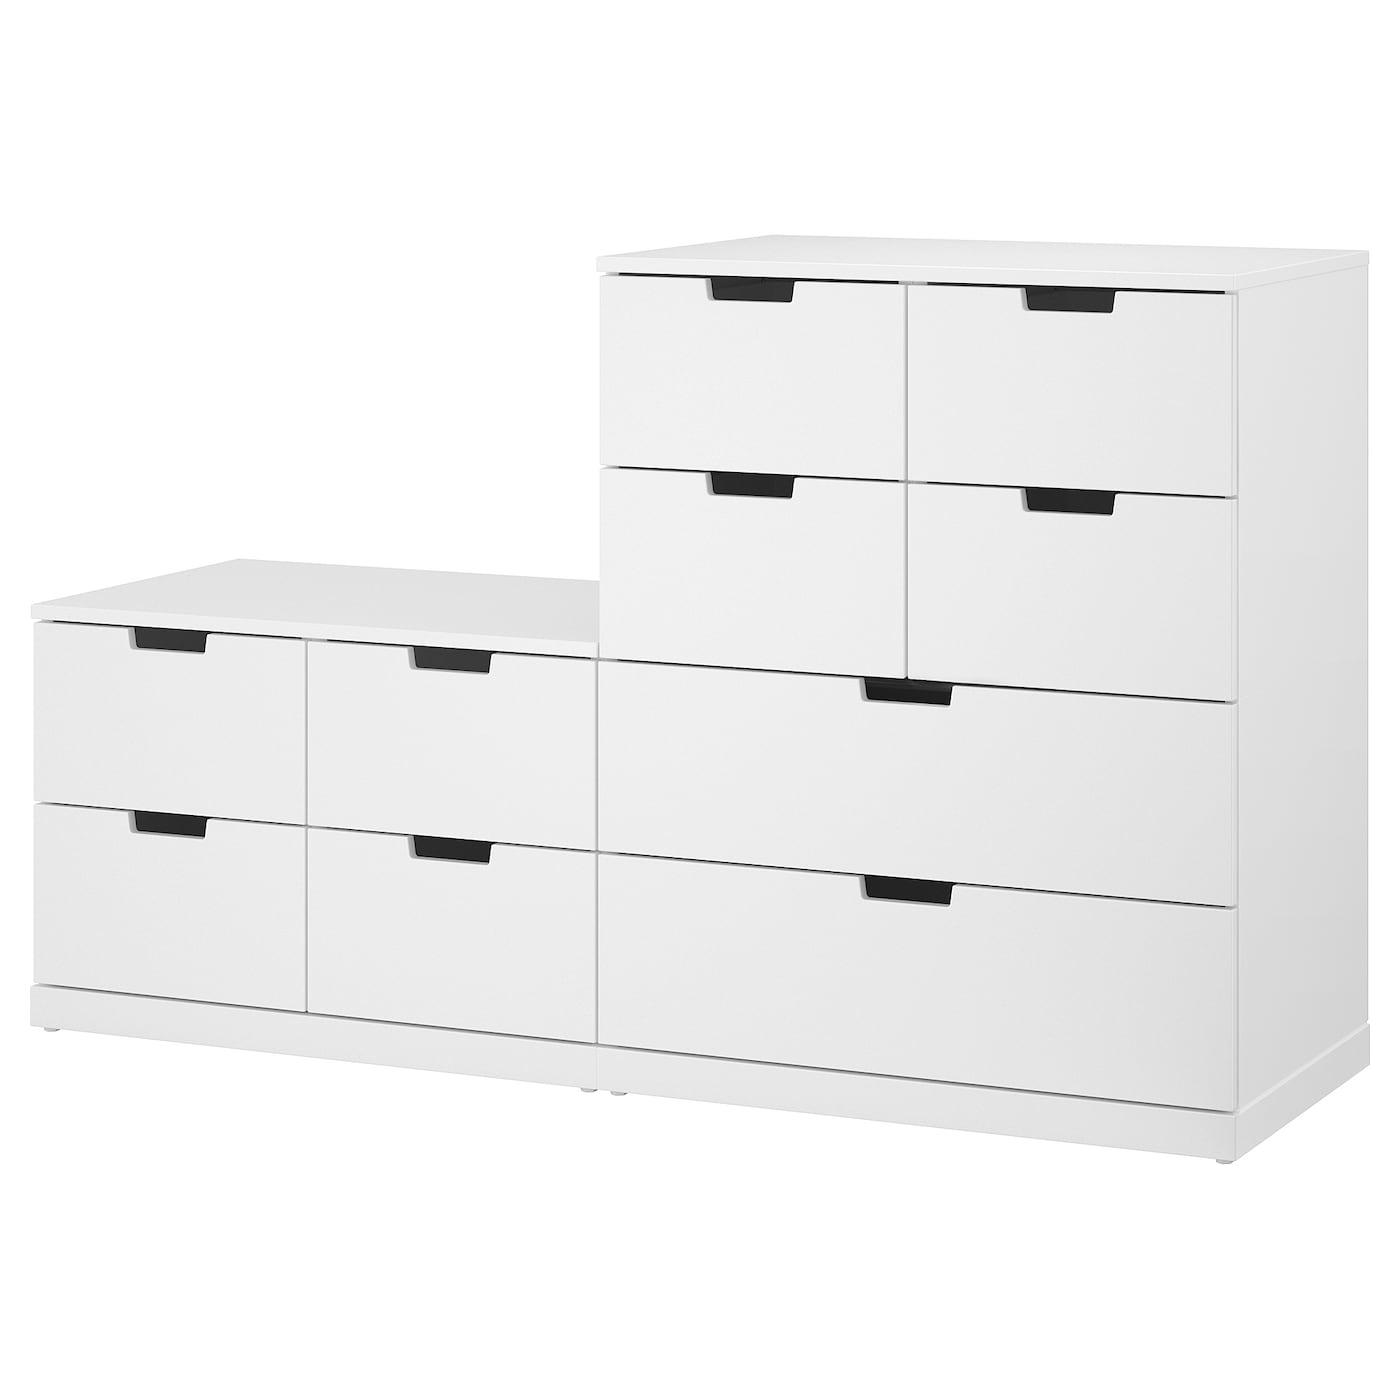 IKEA NORDLI biała komoda z dziesięcioma szufladami, 160x99 cm